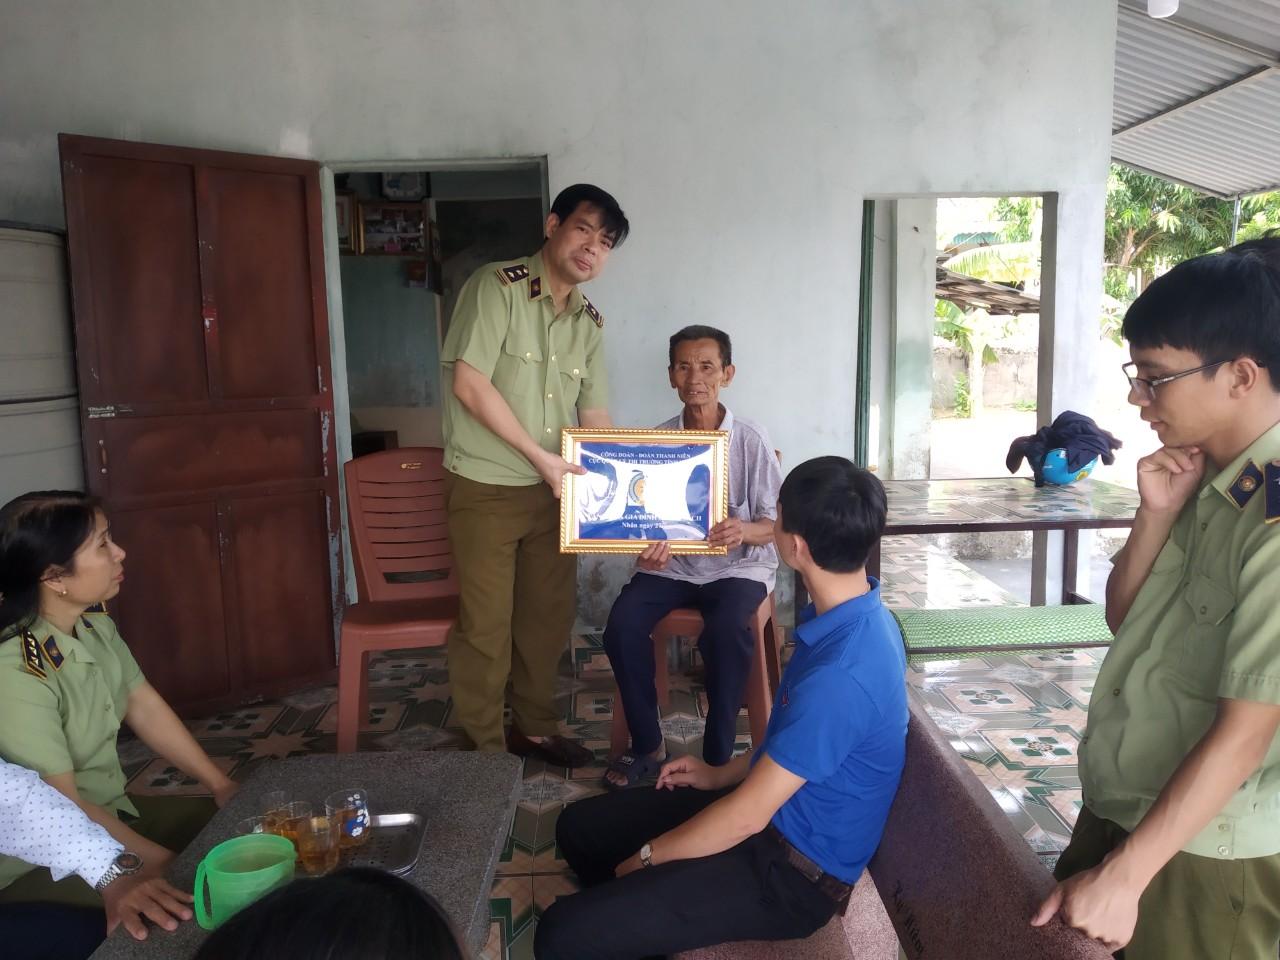 Cục QLTT tỉnh Hà Tĩnh hướng tới kỷ niệm 72 năm ngày Thương binh - Liệt sĩ (27/7/1947 - 27/7/2019)